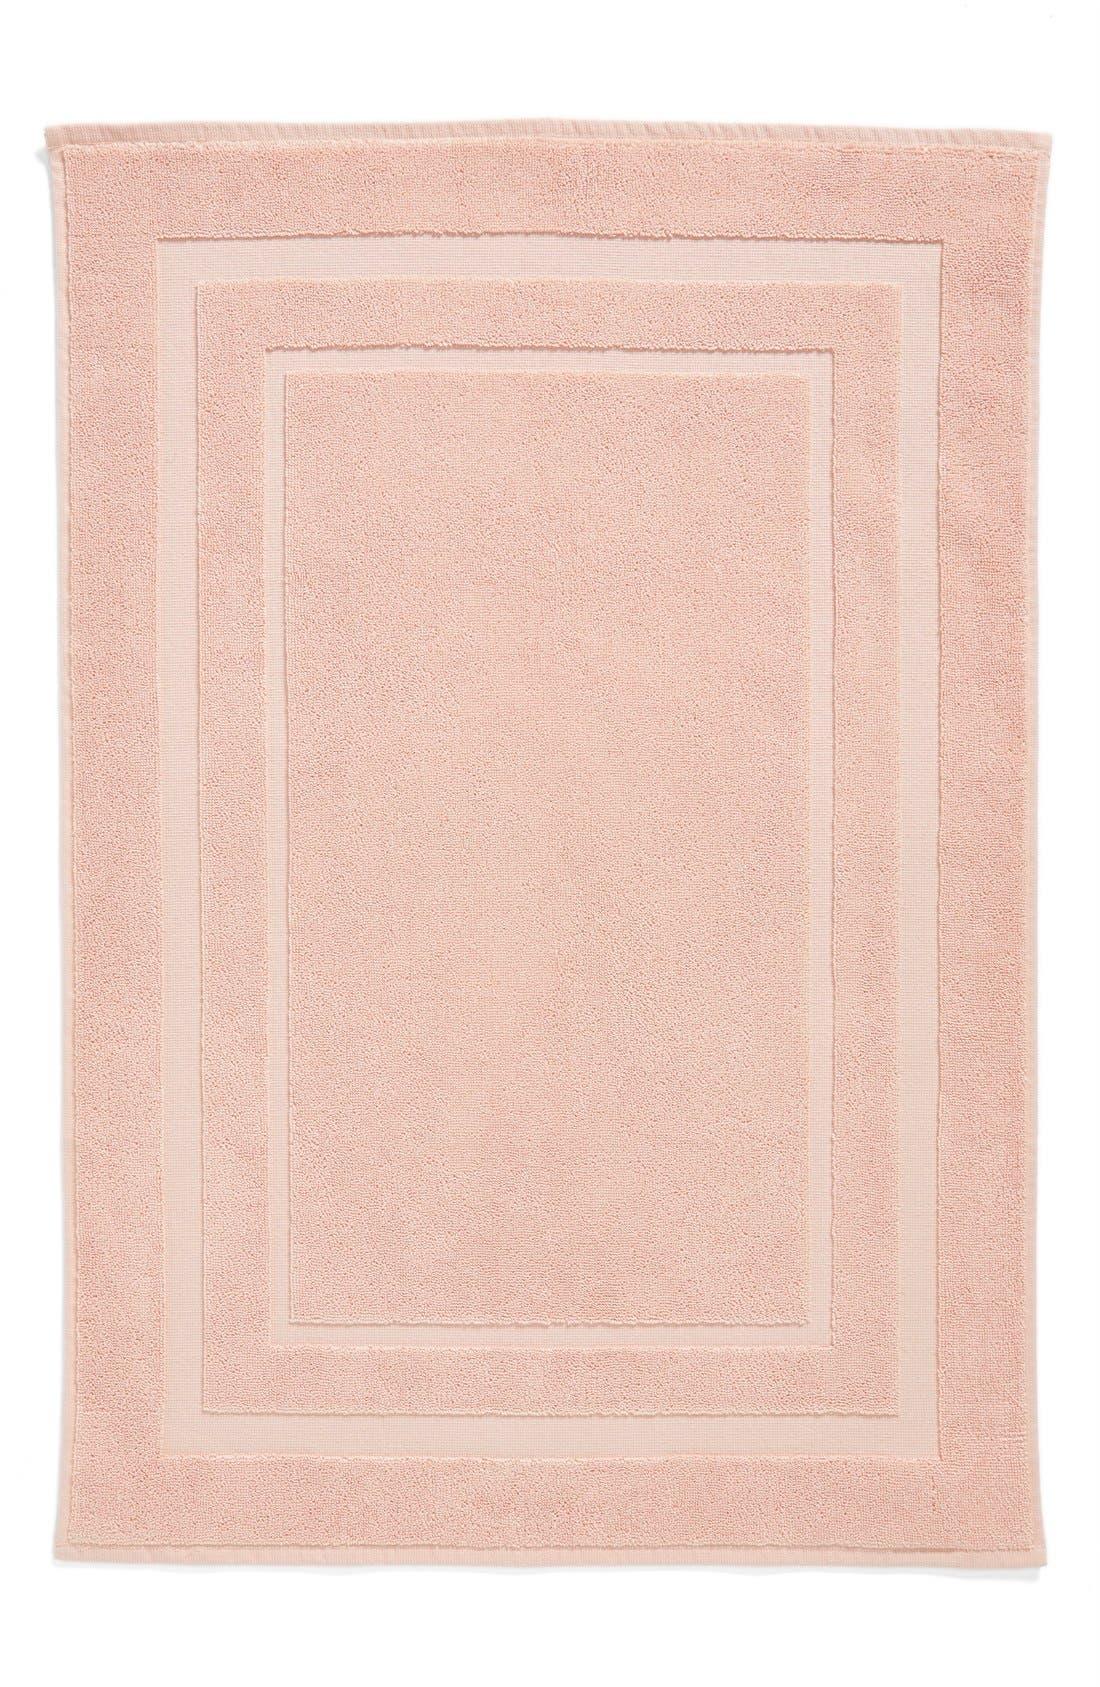 Waterworks Studio 'Perennial' Turkish Cotton Bath Mat (Online Only)